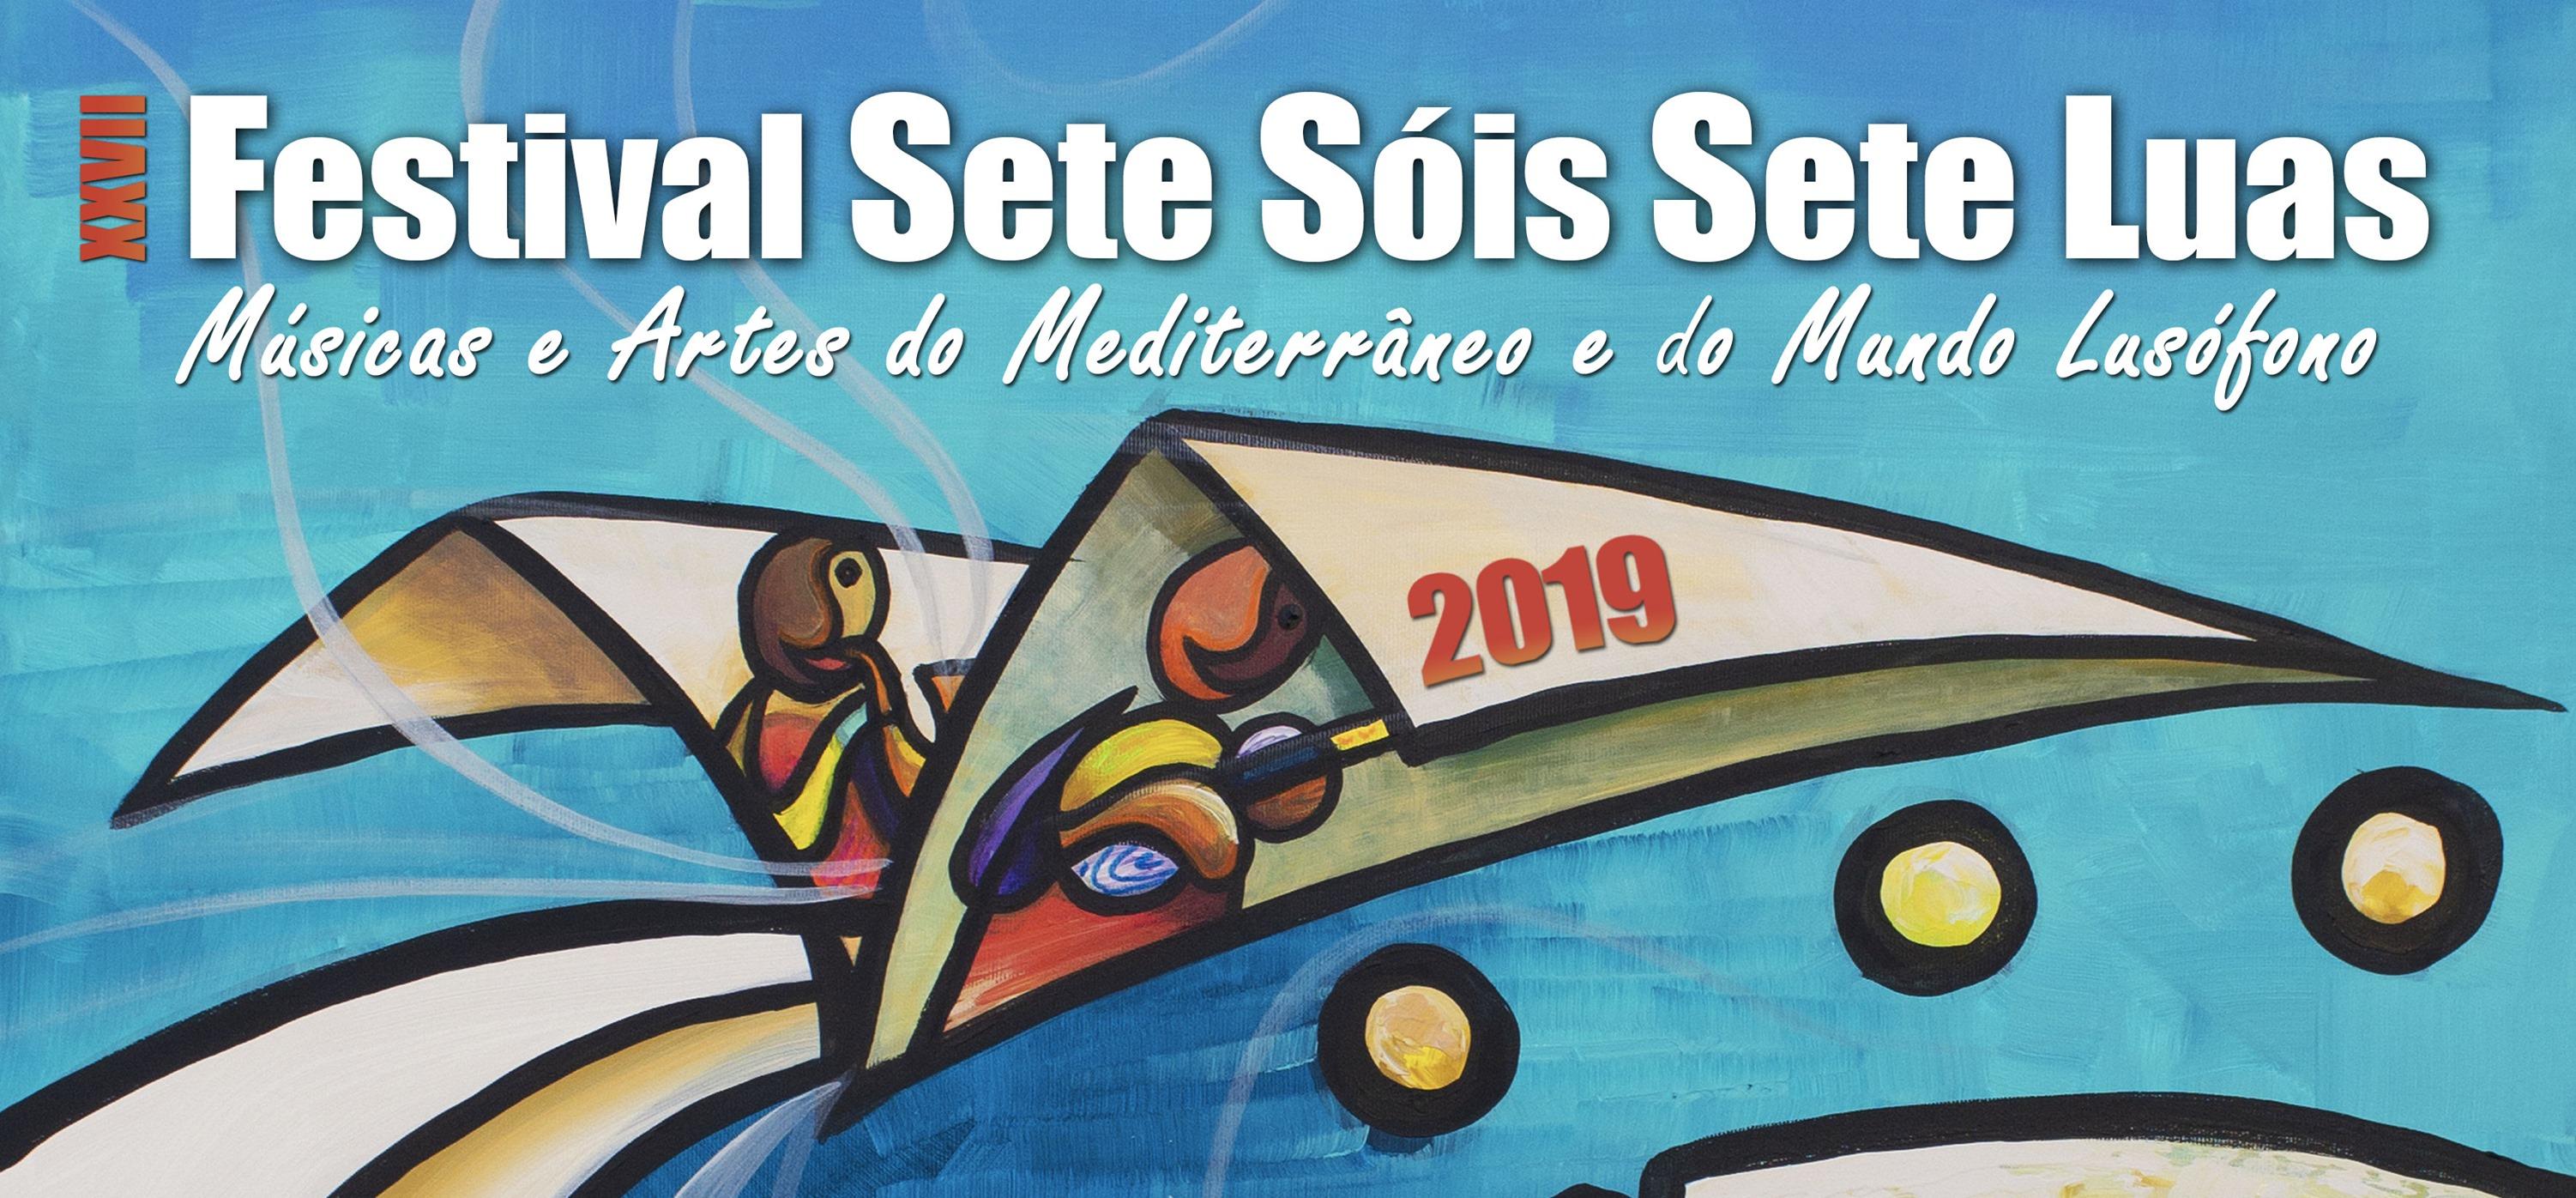 Festival Sete Sóis Sete Luas torna con un programma ricco di artisti internazionali a Pontedera